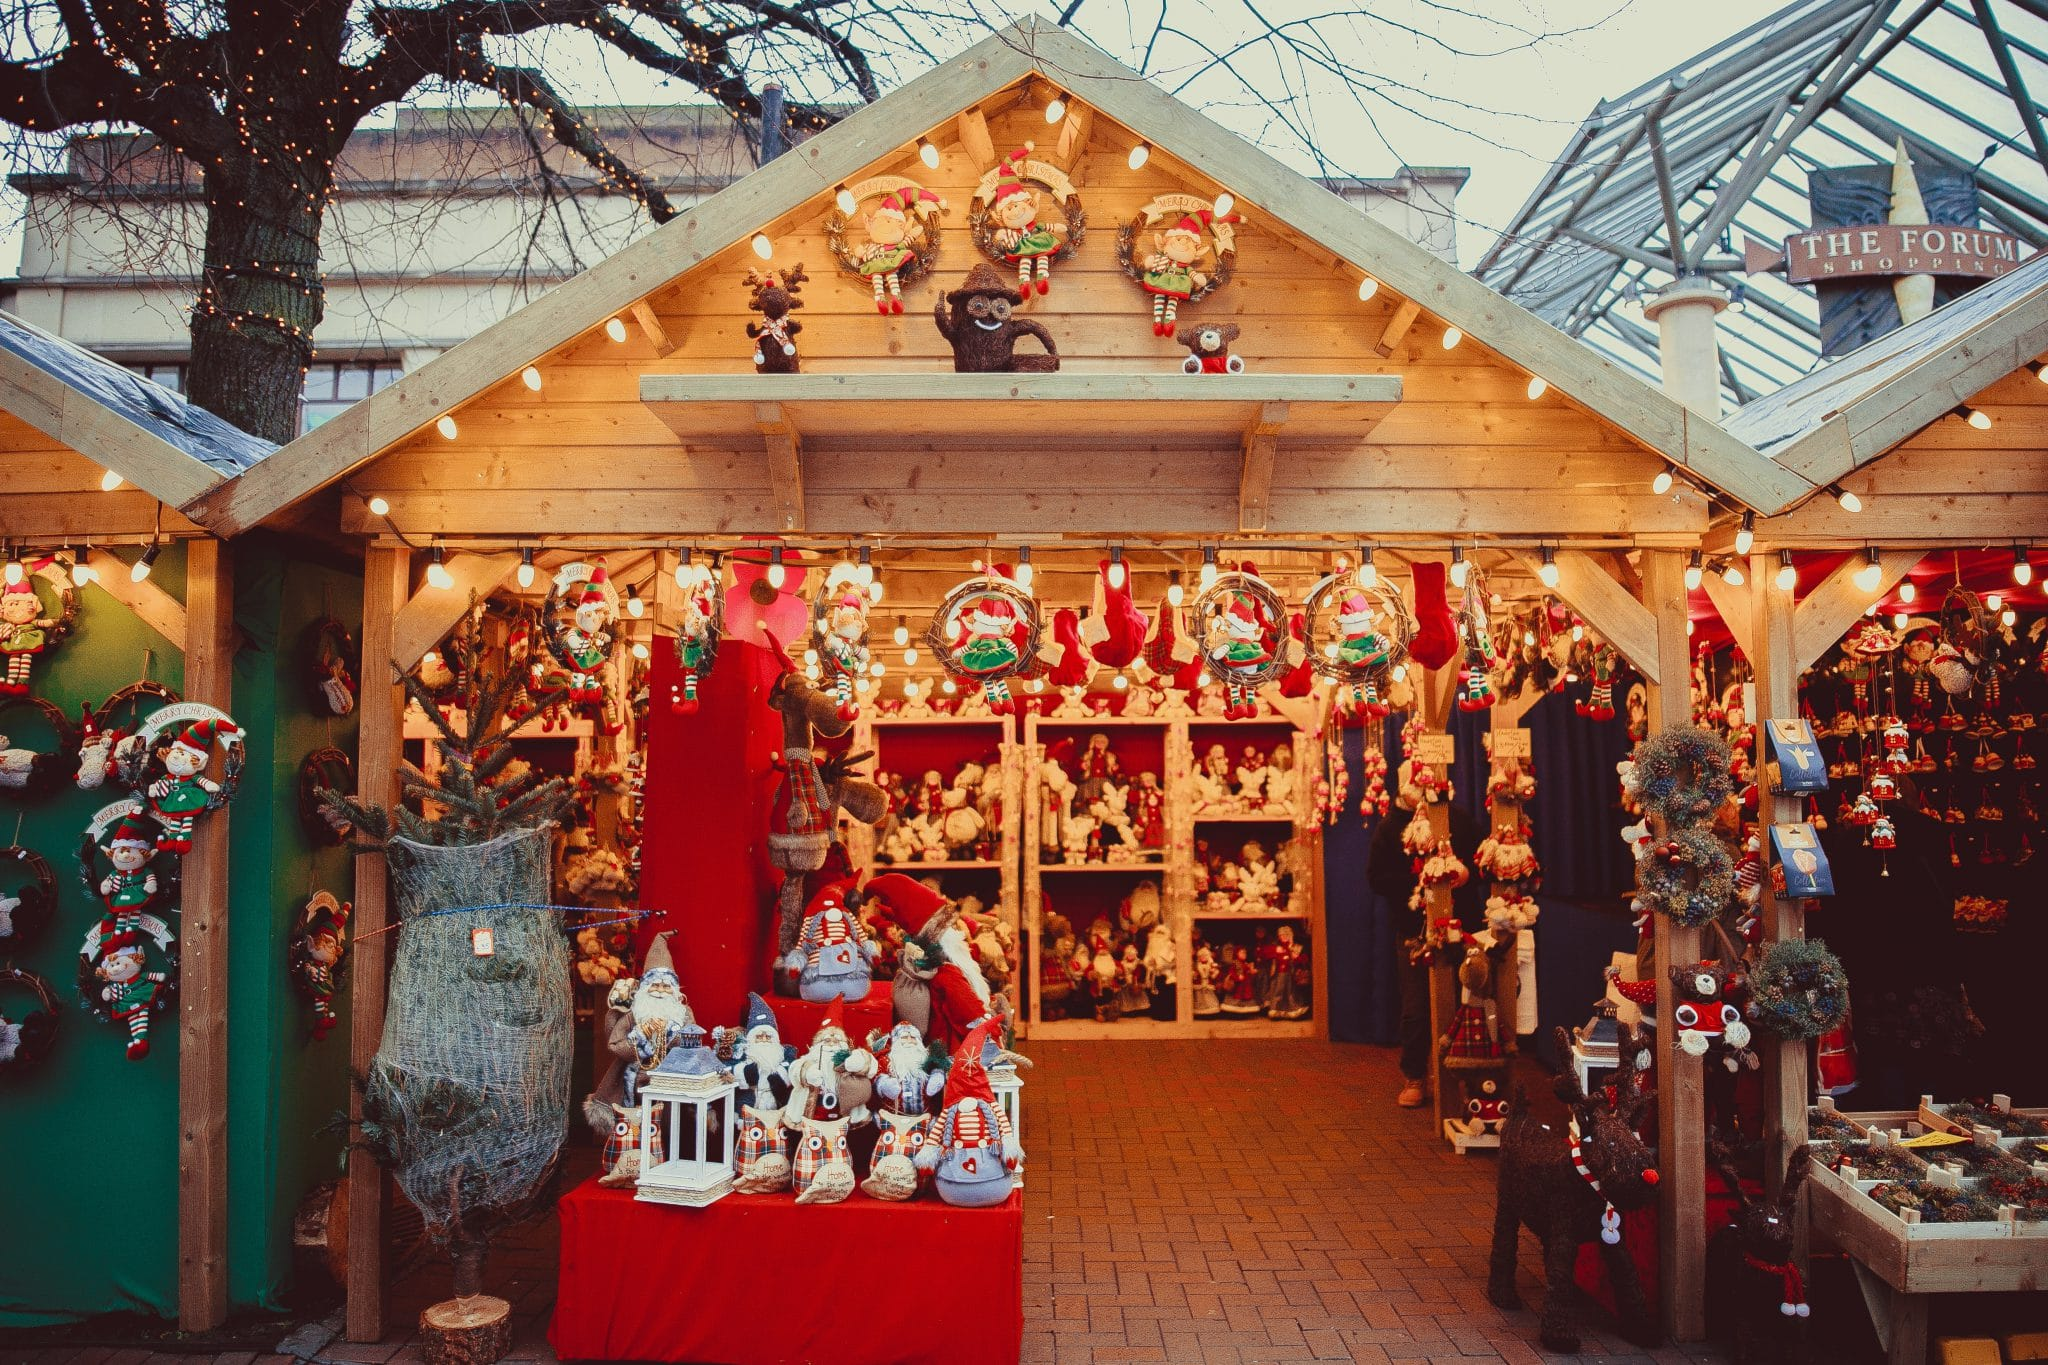 Chalet en bois typique des marchés de Noël